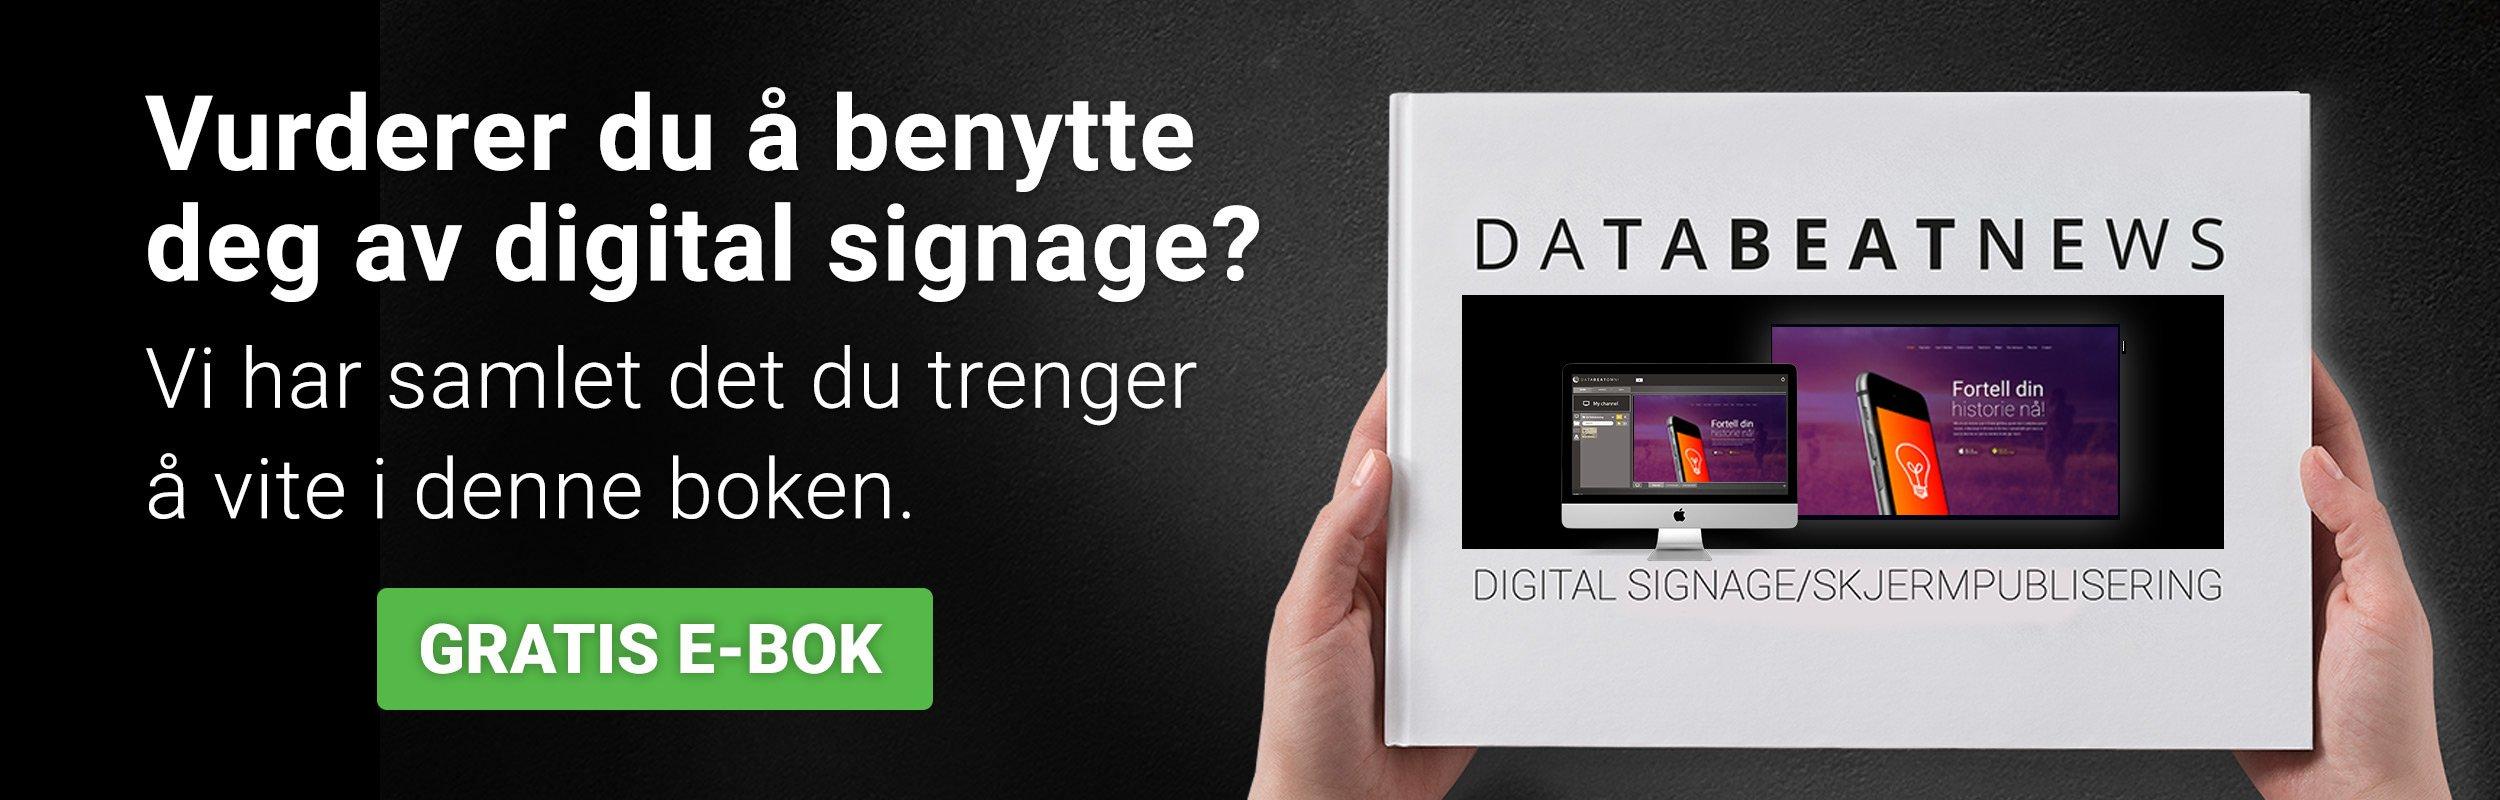 E-bok-om-digital-signage-Norsk